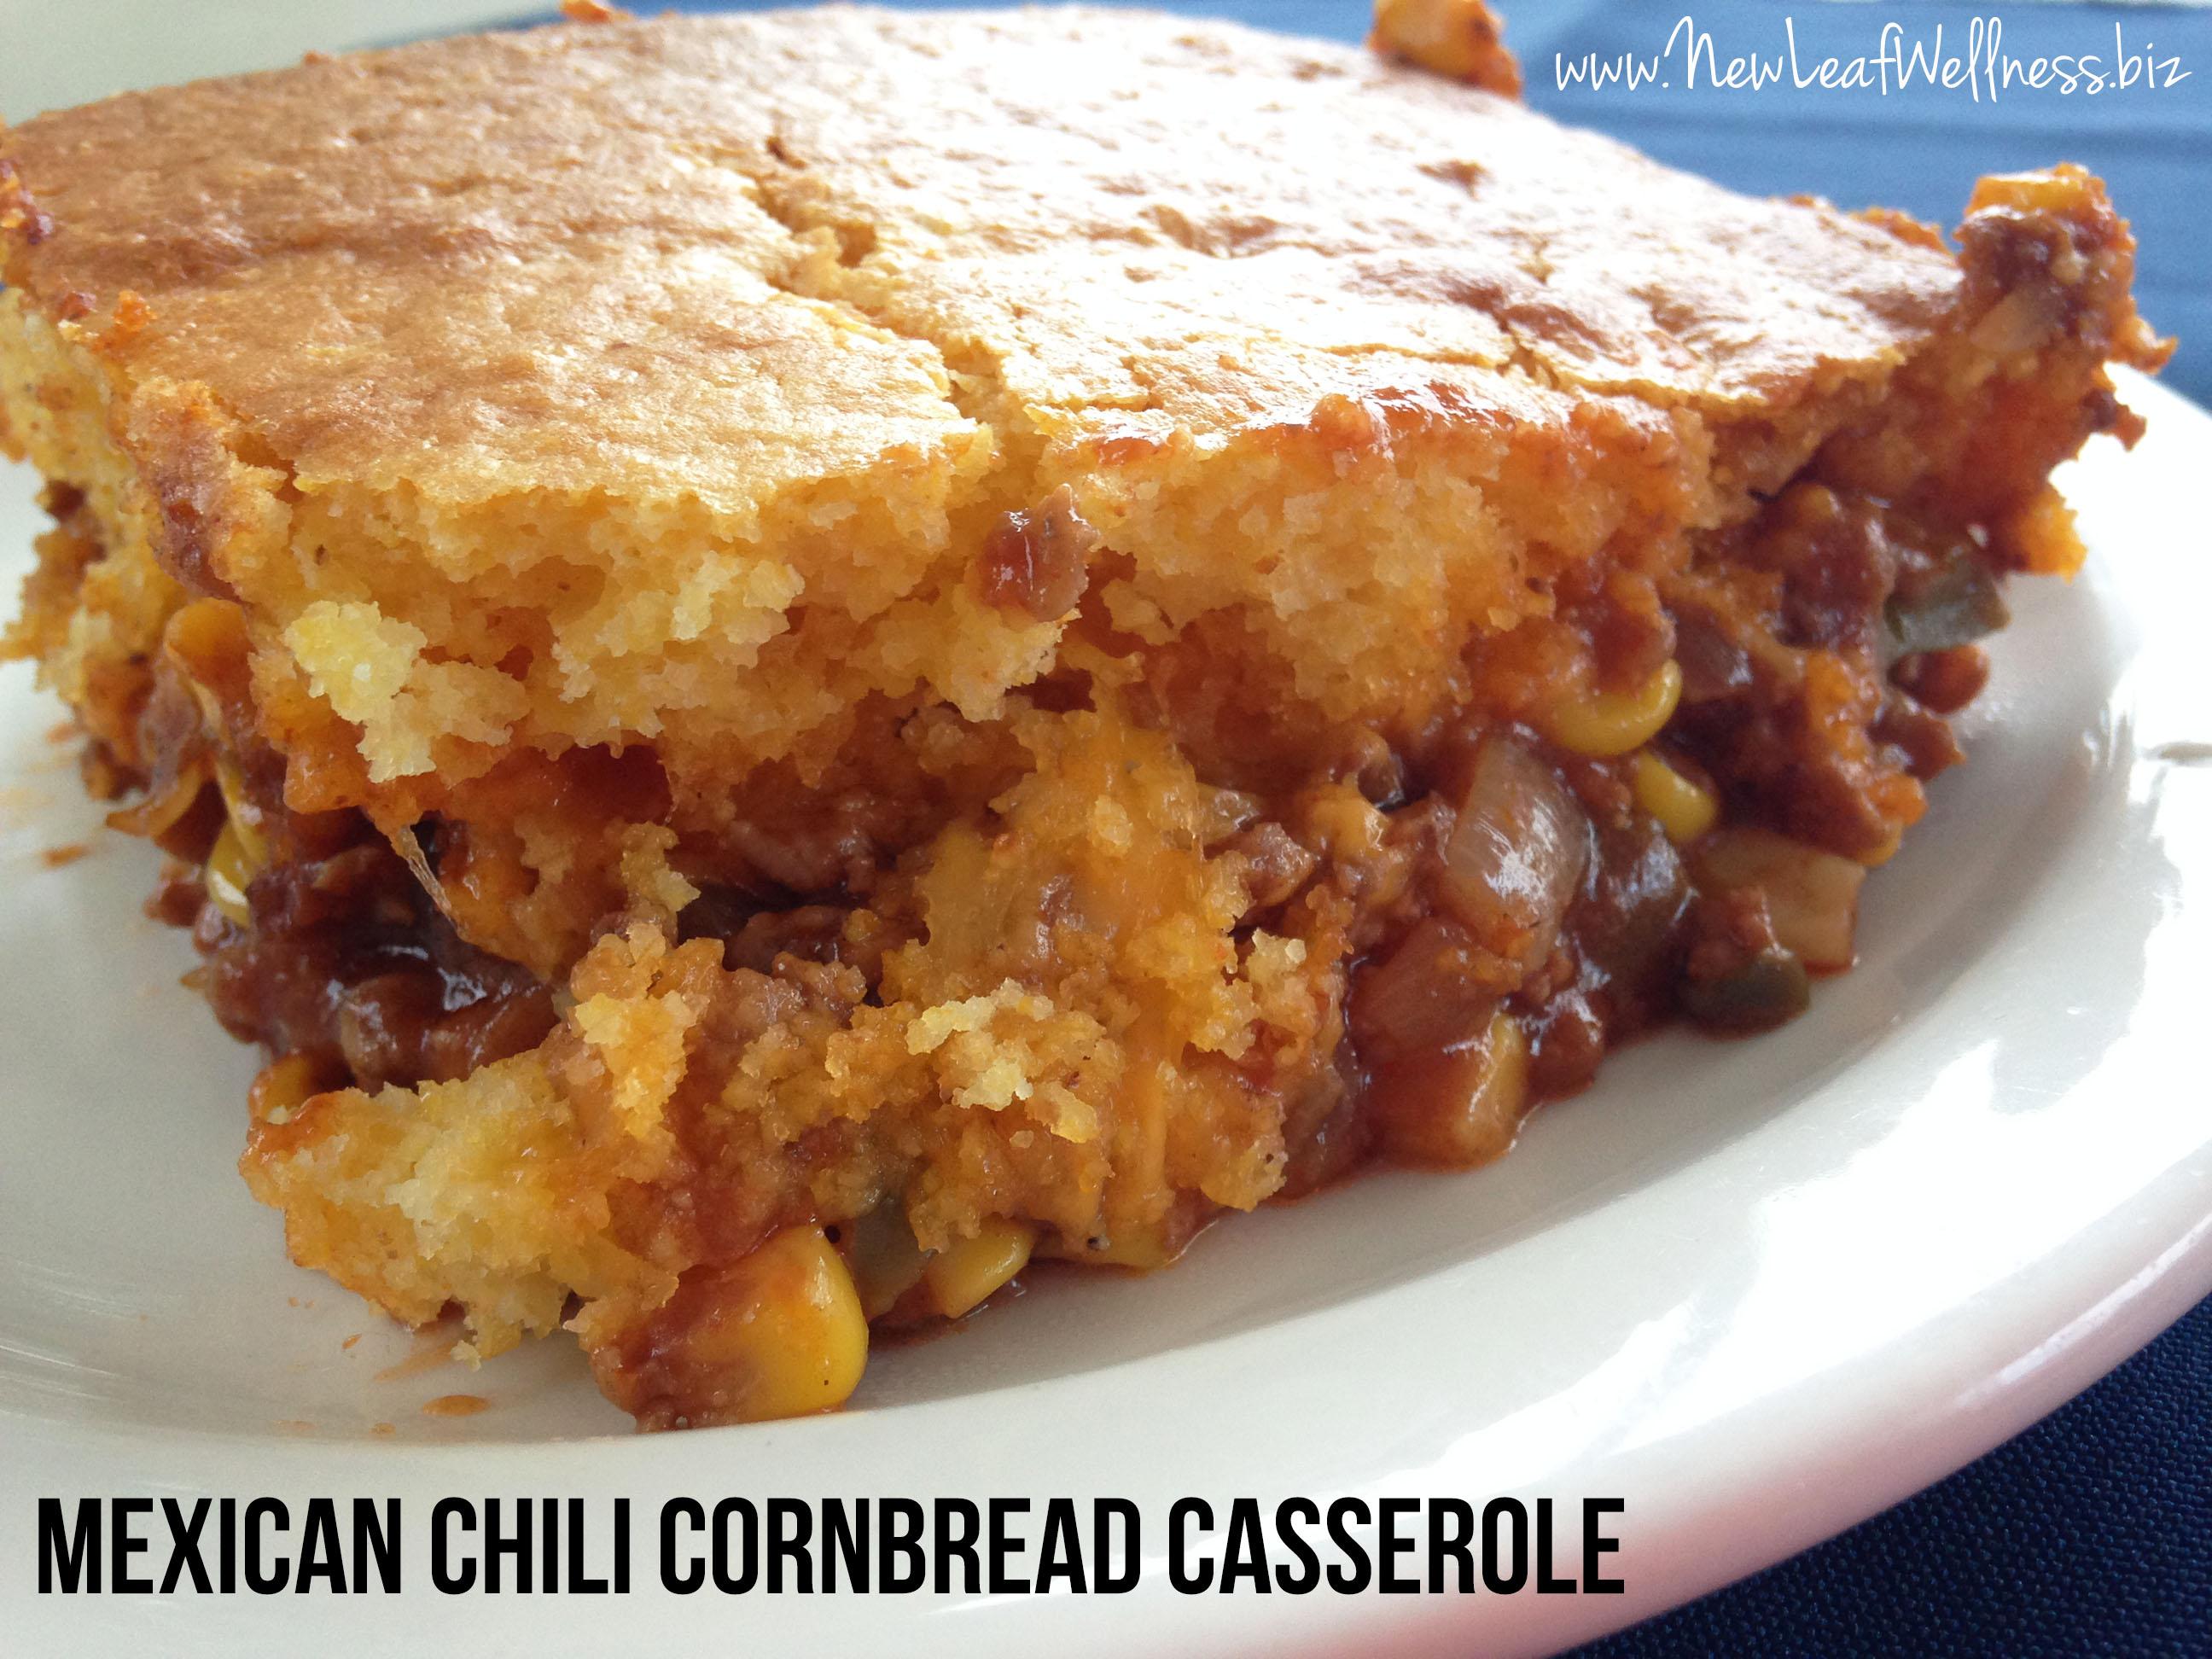 Mexican Chili Cornbread Casserole Recipe The Family Freezer